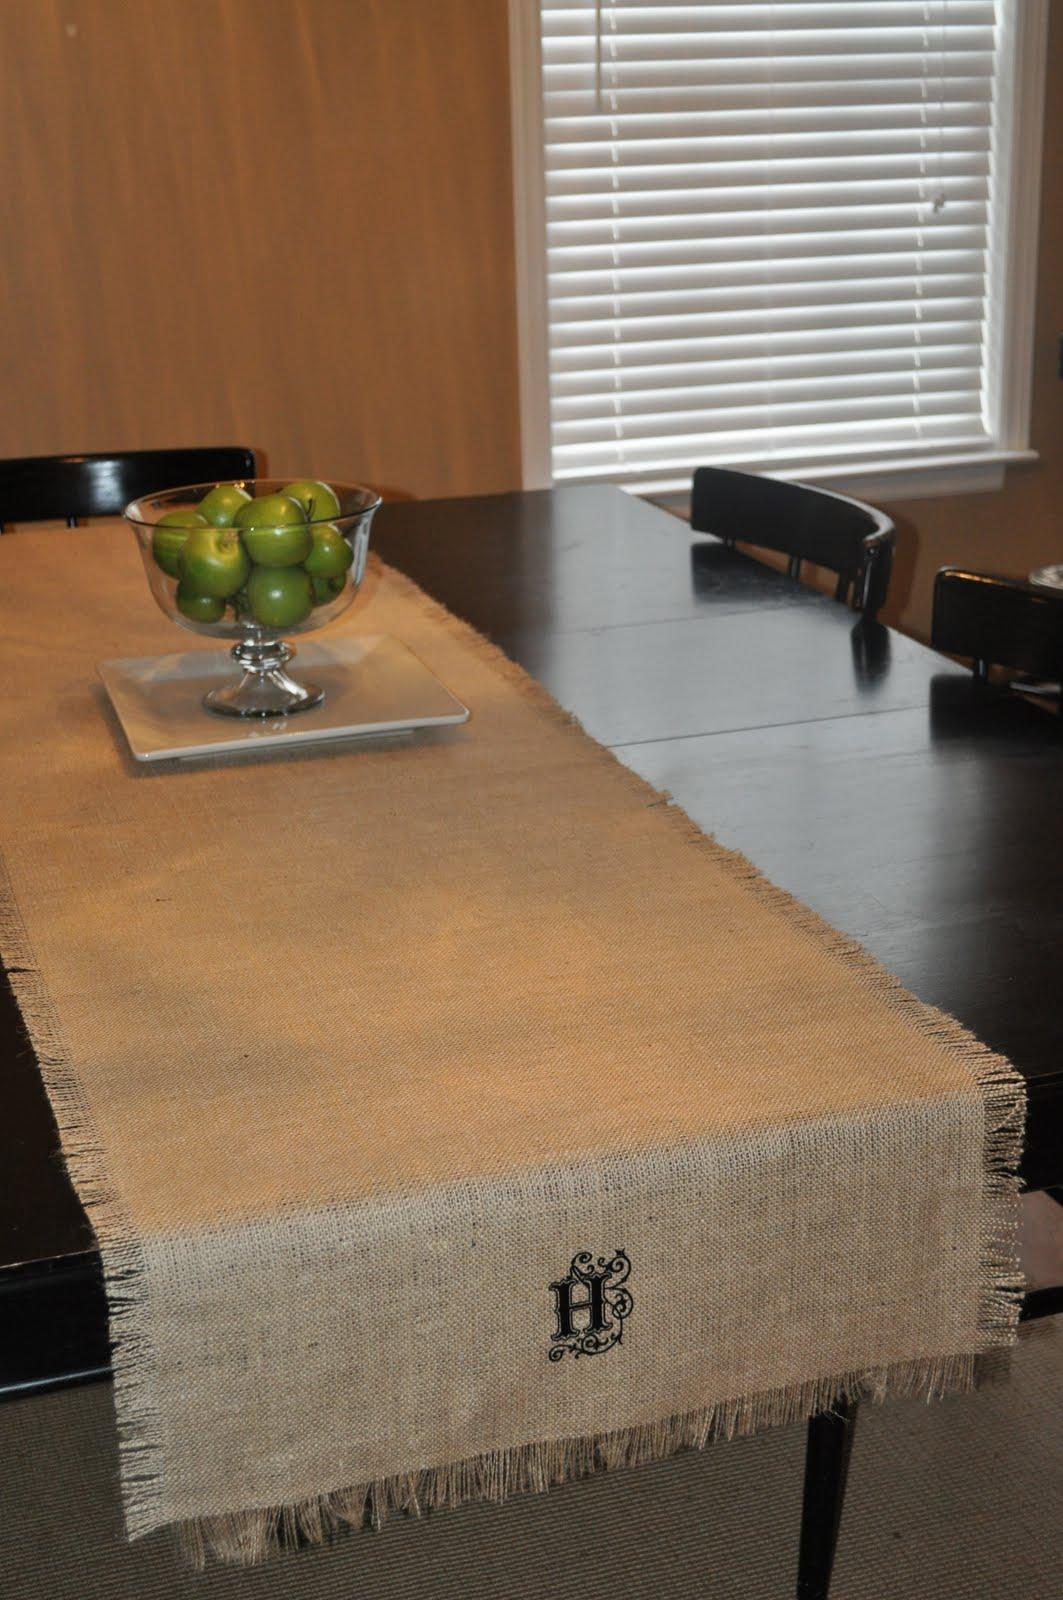 DIY Burlap Table Runner in 3 Steps | Emmaline Bride